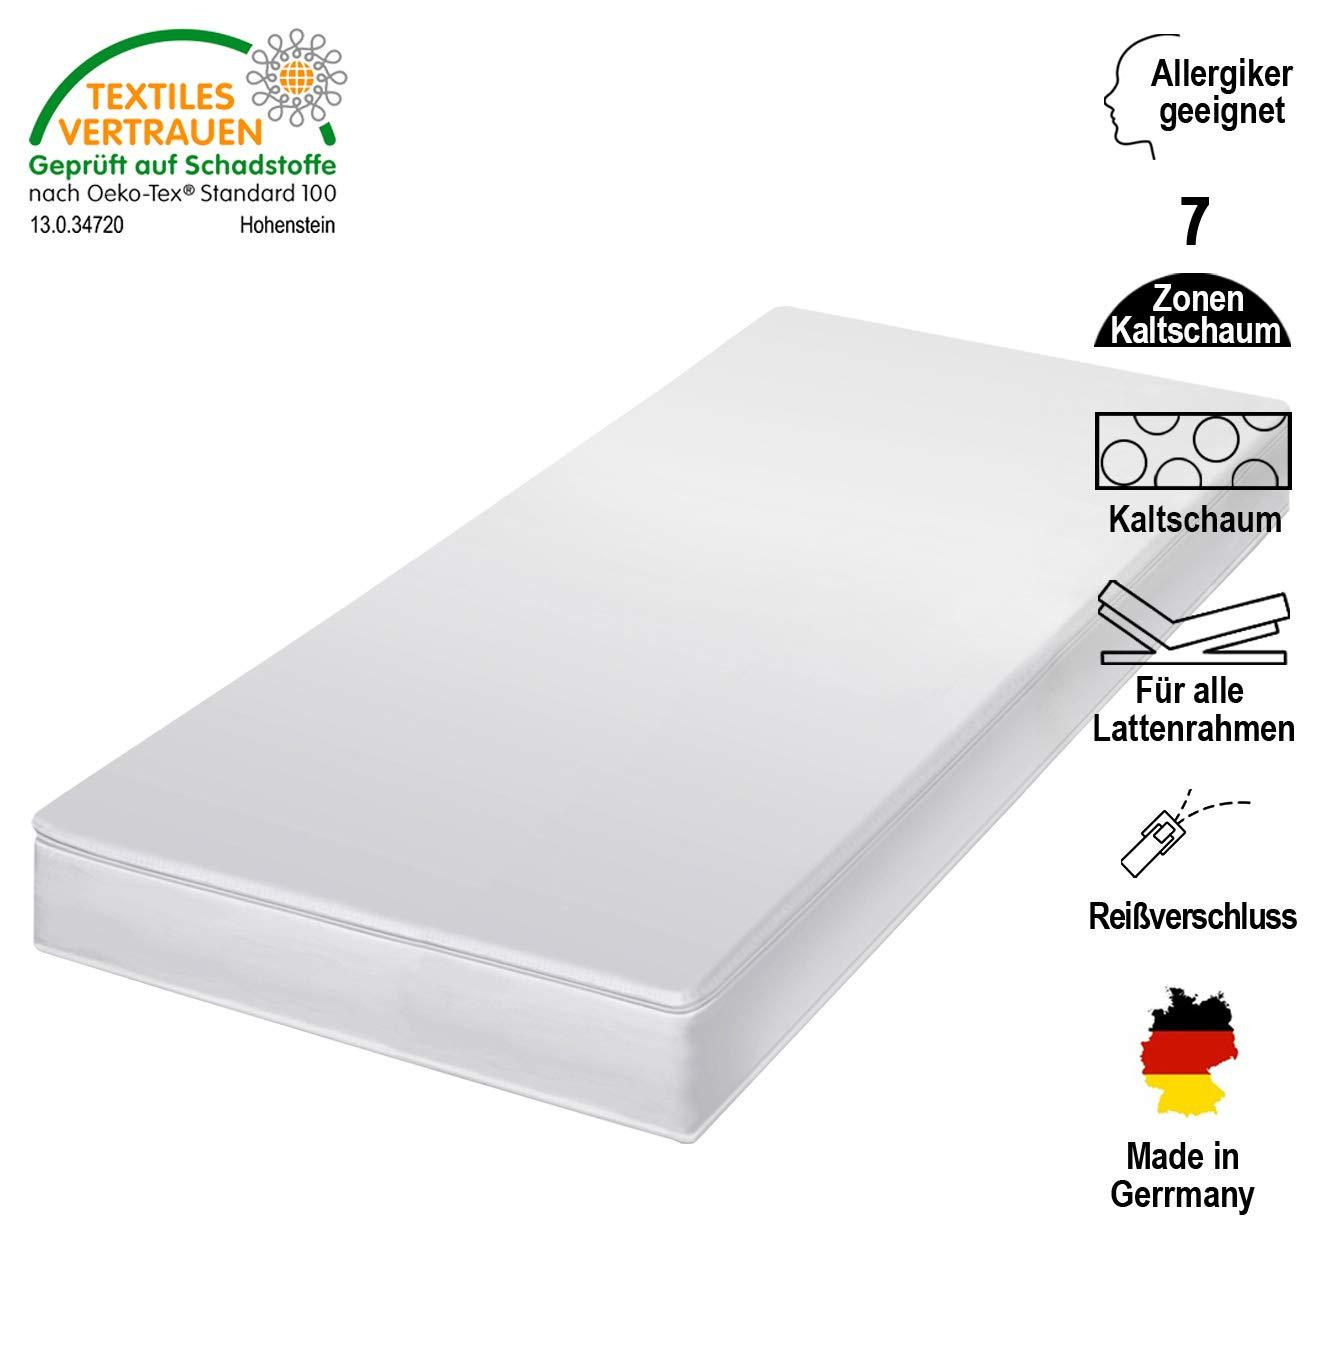 Cpt hydrovital v12 Kindermatratze & Jugendmatratze - Rollmatratze mit Microfaser Bezug - Kaltschaummatratze Maße IN Germany - Matratze Härtegrad H2, (H2) 90 x 200 cm - 7 Zonen